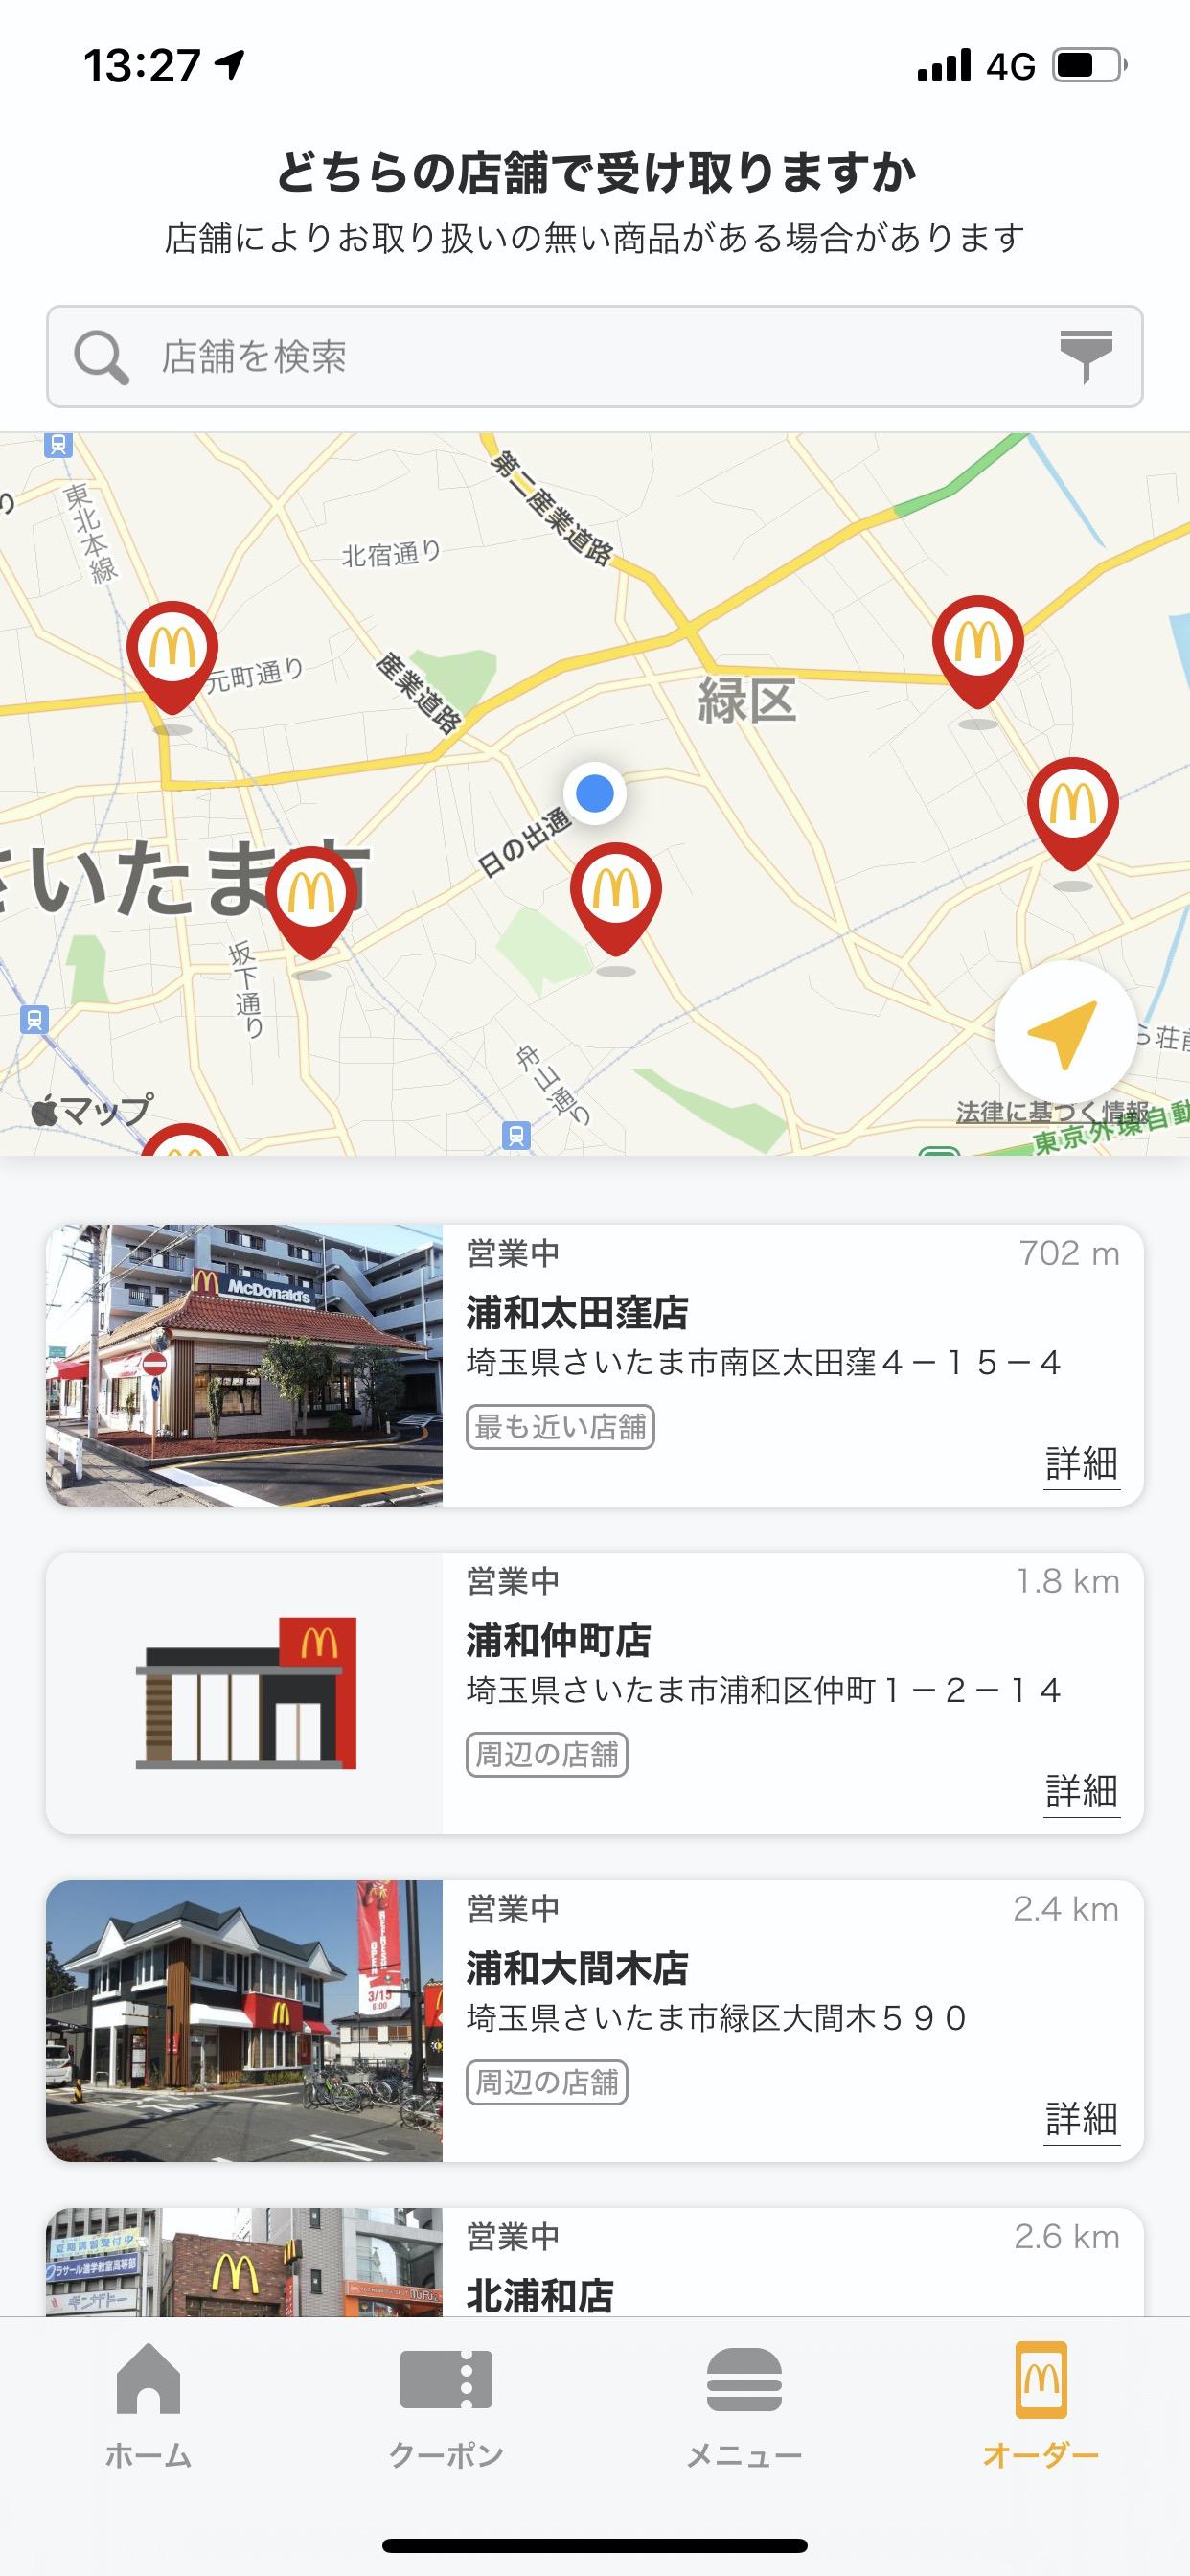 【マクドナルド】公式アプリ モバイルオーダー 2